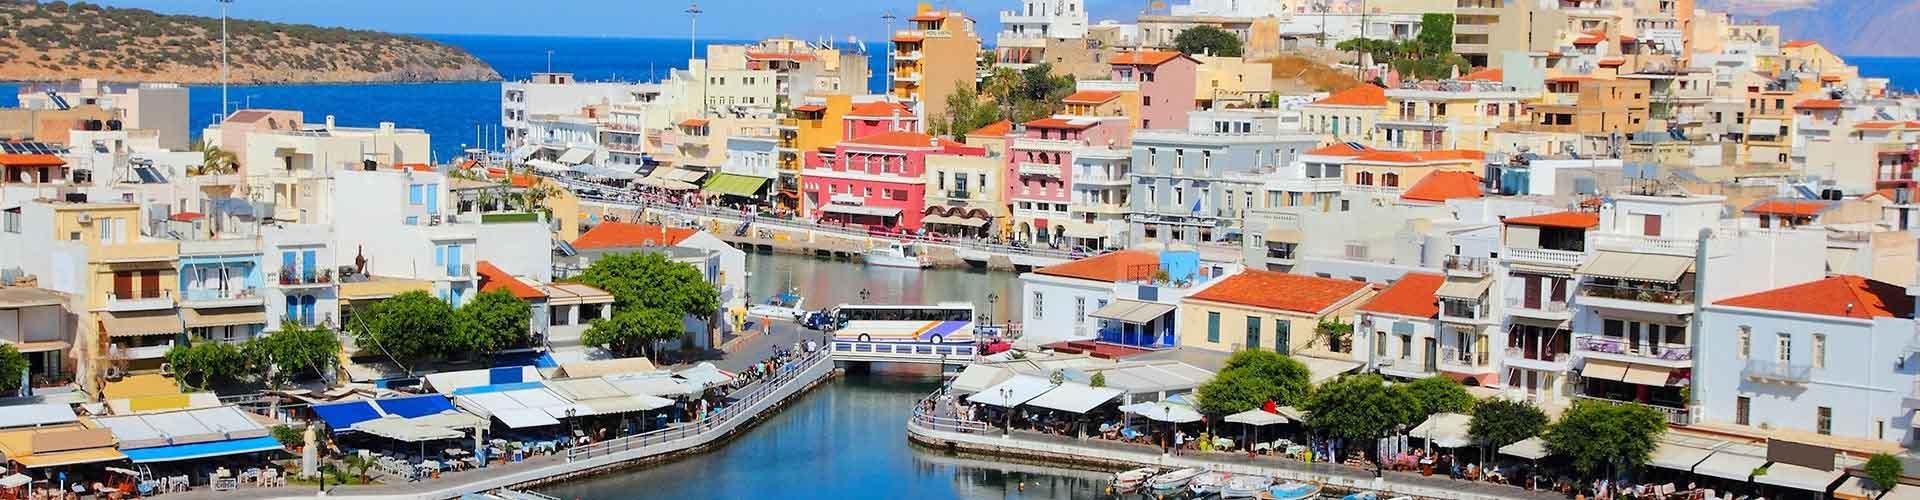 Isla de Creta - Campamentos en Isla de Creta. Mapas de Isla de Creta, Fotos y comentarios de cada Campamento en Isla de Creta.